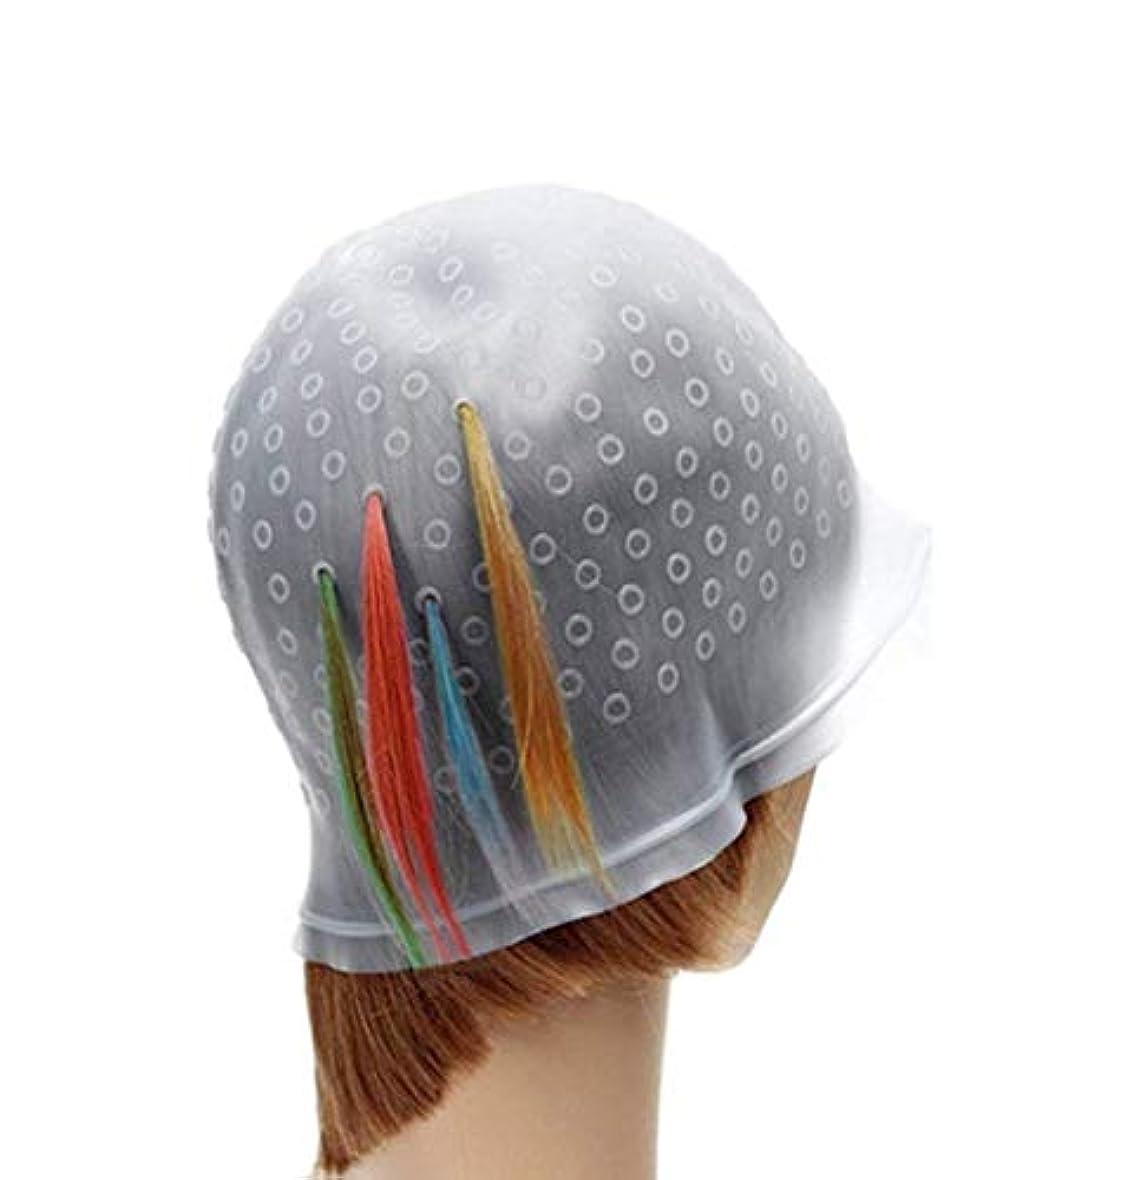 FACAI 洗って使える 毛染め ヘアカラー メッシュ 用 シリコン ヘア キャップ 穴あけポンチ シリコン キャップ (透明)